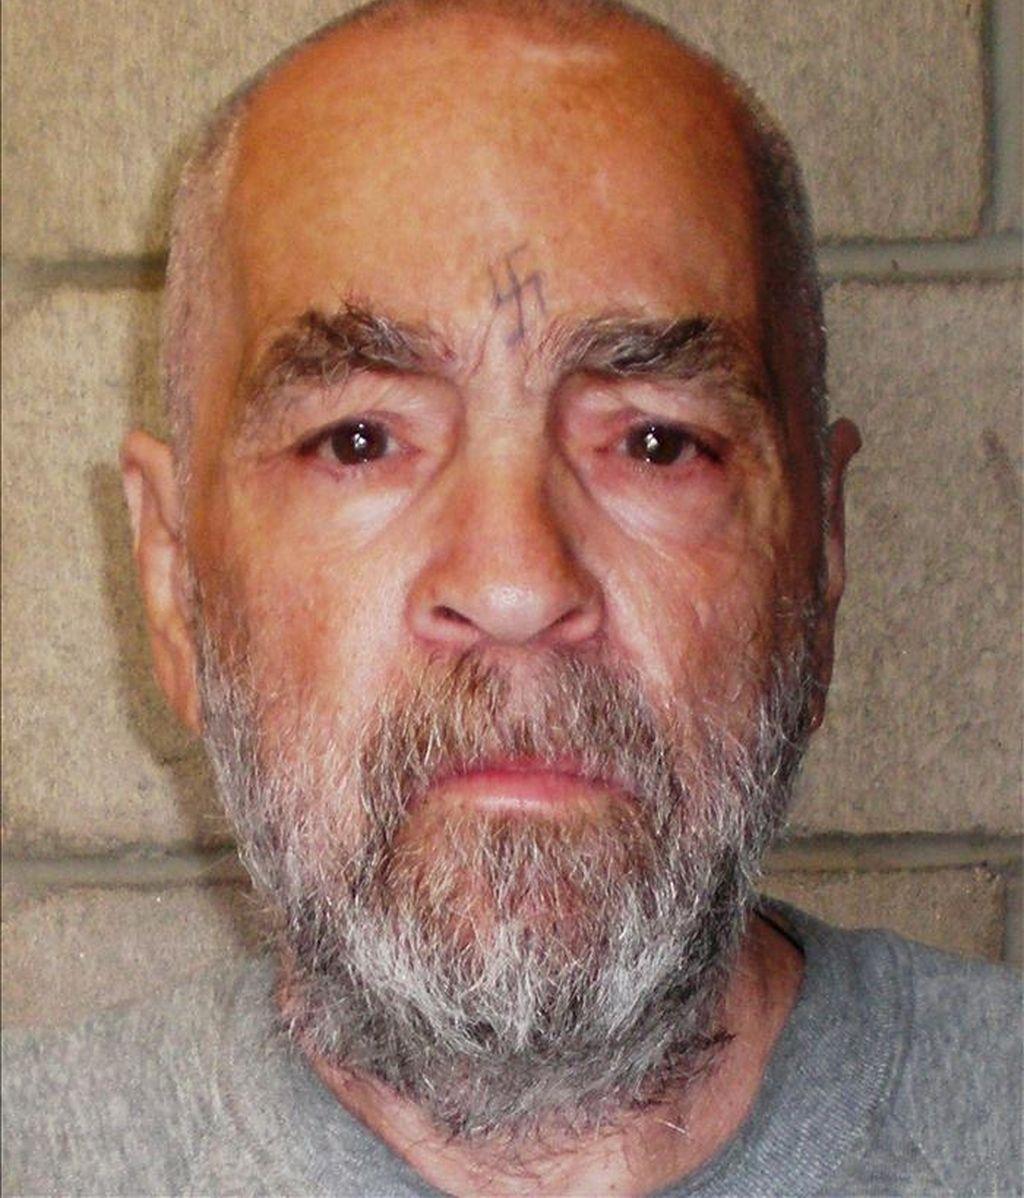 Fotografía facilitada por el Departamento de Corrección y Rehabilitación de California que muestra al asesino Charles Manson en una imagen del 18 de marzo de 2009. EFE/Archivo